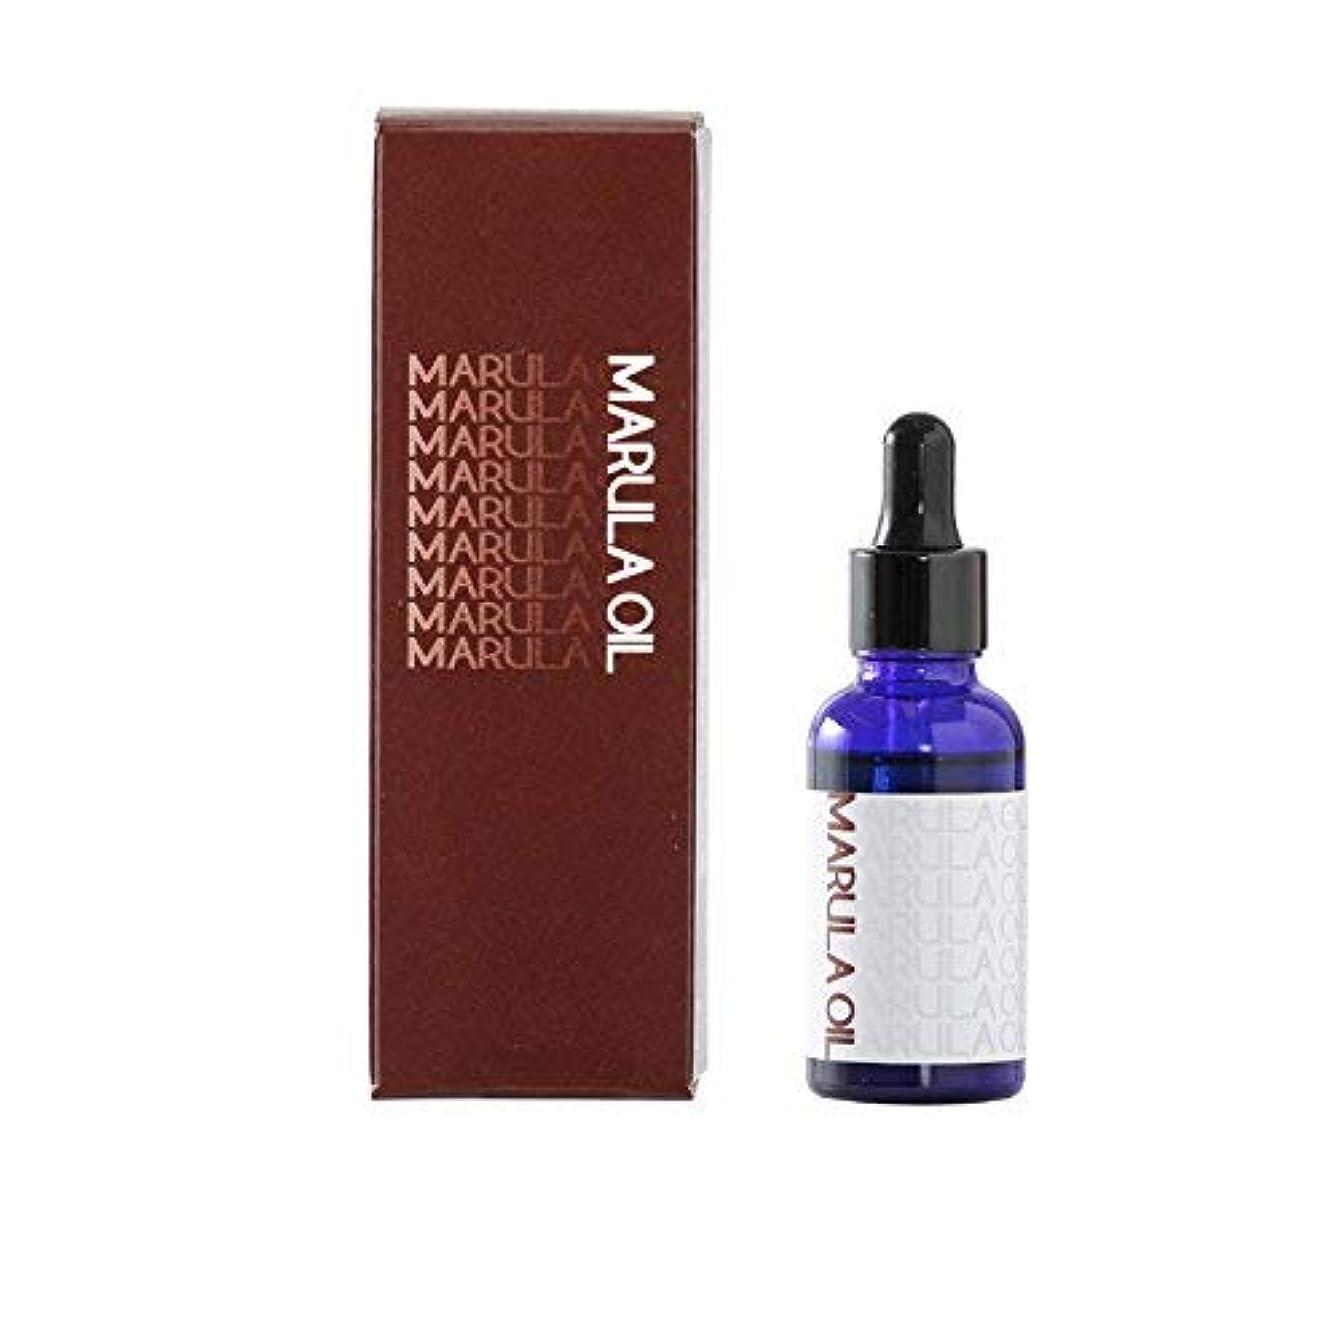 人生を作る基本的なシンプルなマルラオイル 25ml 100%ピュア  (100%Pure) ( Marula Oil )( MARULA OIL) (植物オイル)